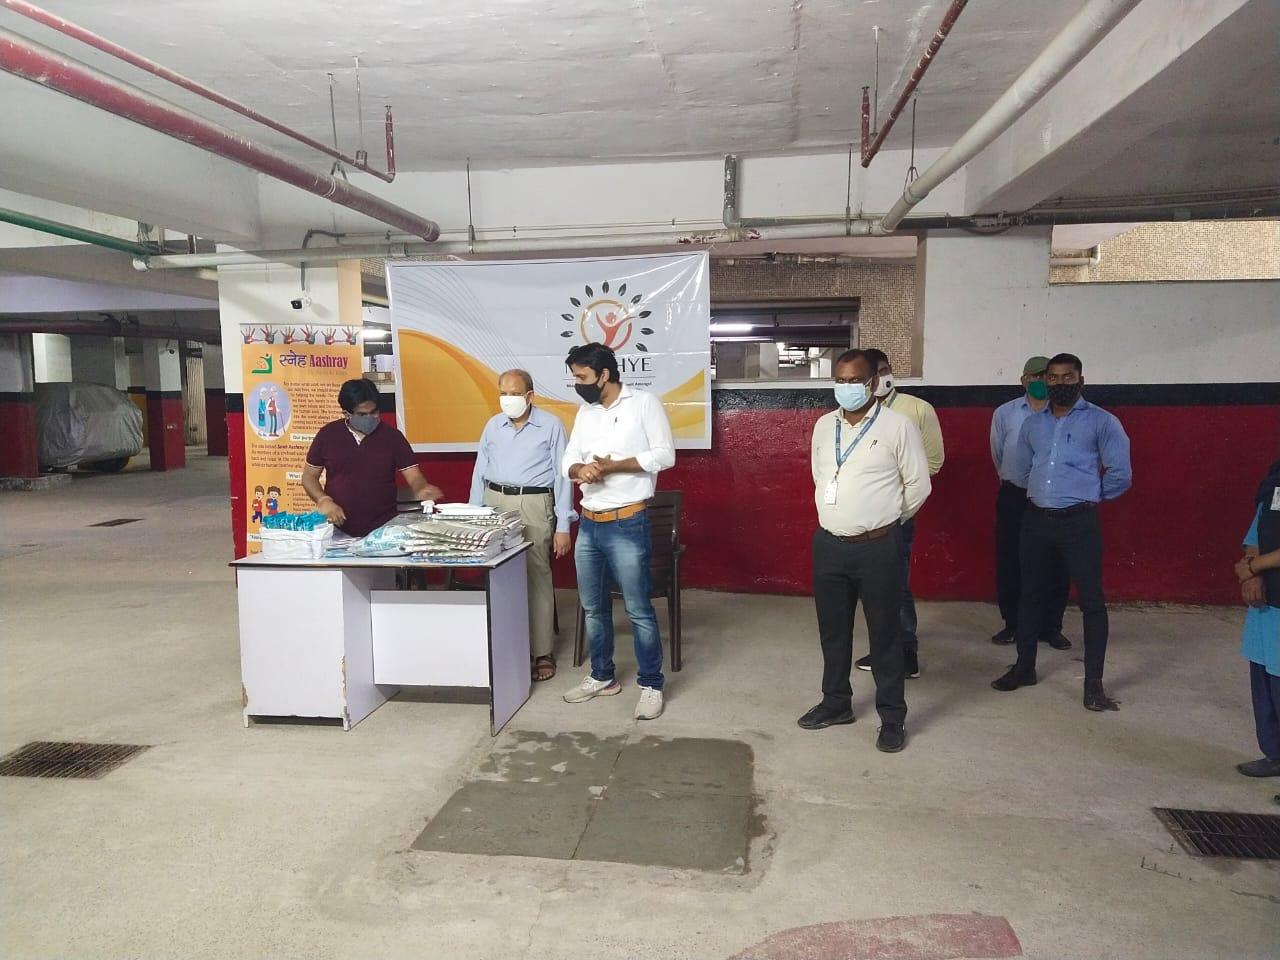 Mask distribution at Arihant 6